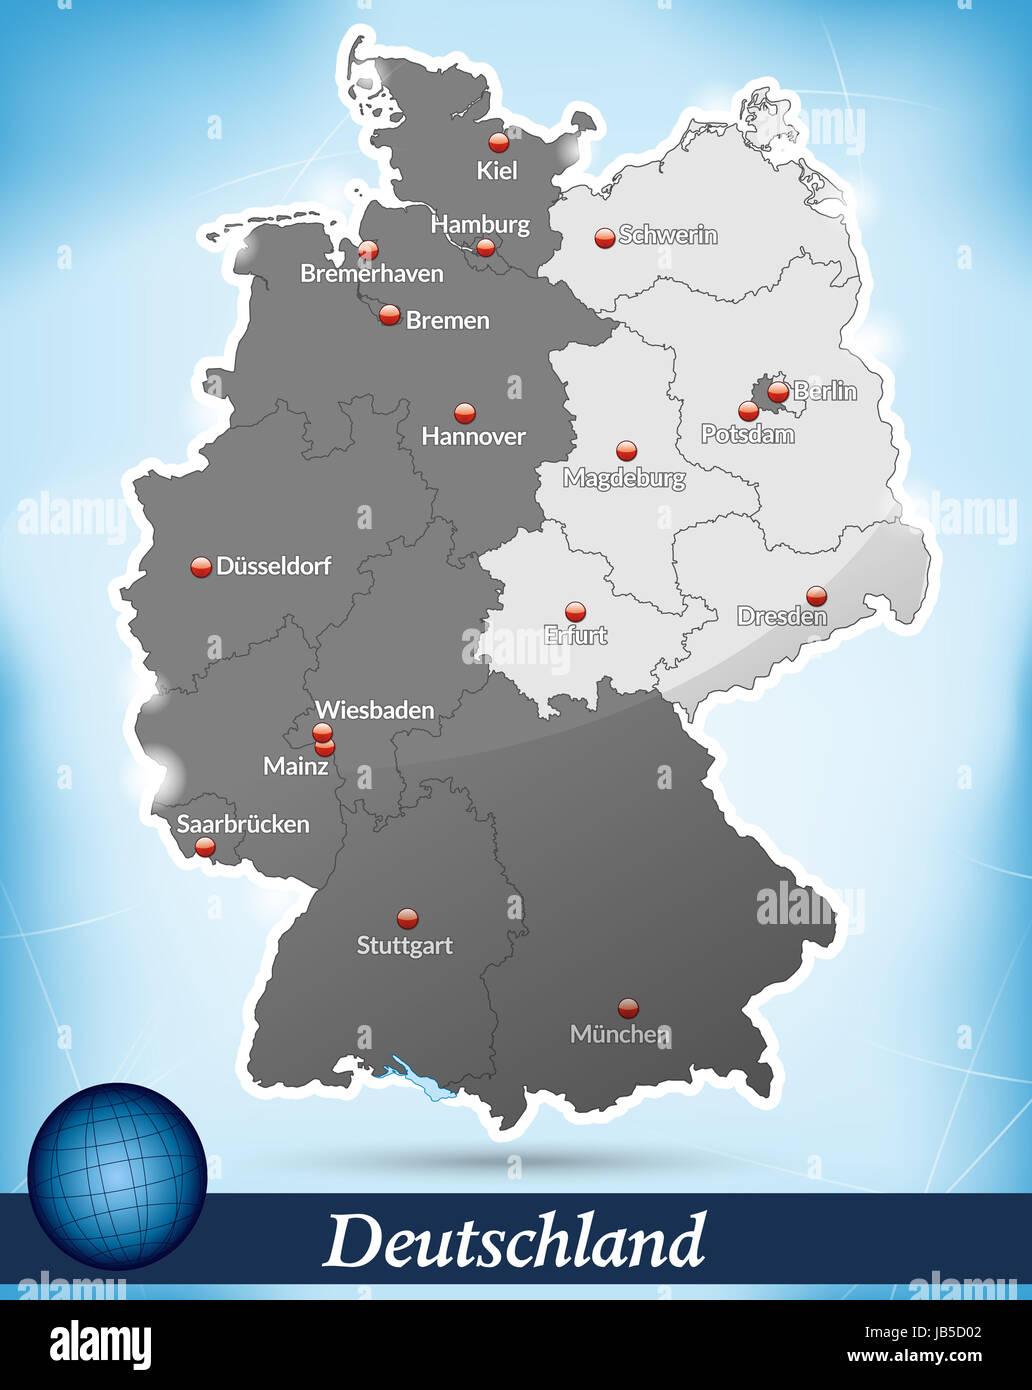 west ost deutschland karte Deutschland mit Unterteilung Ost/West als Inselkarte in Blau. Die